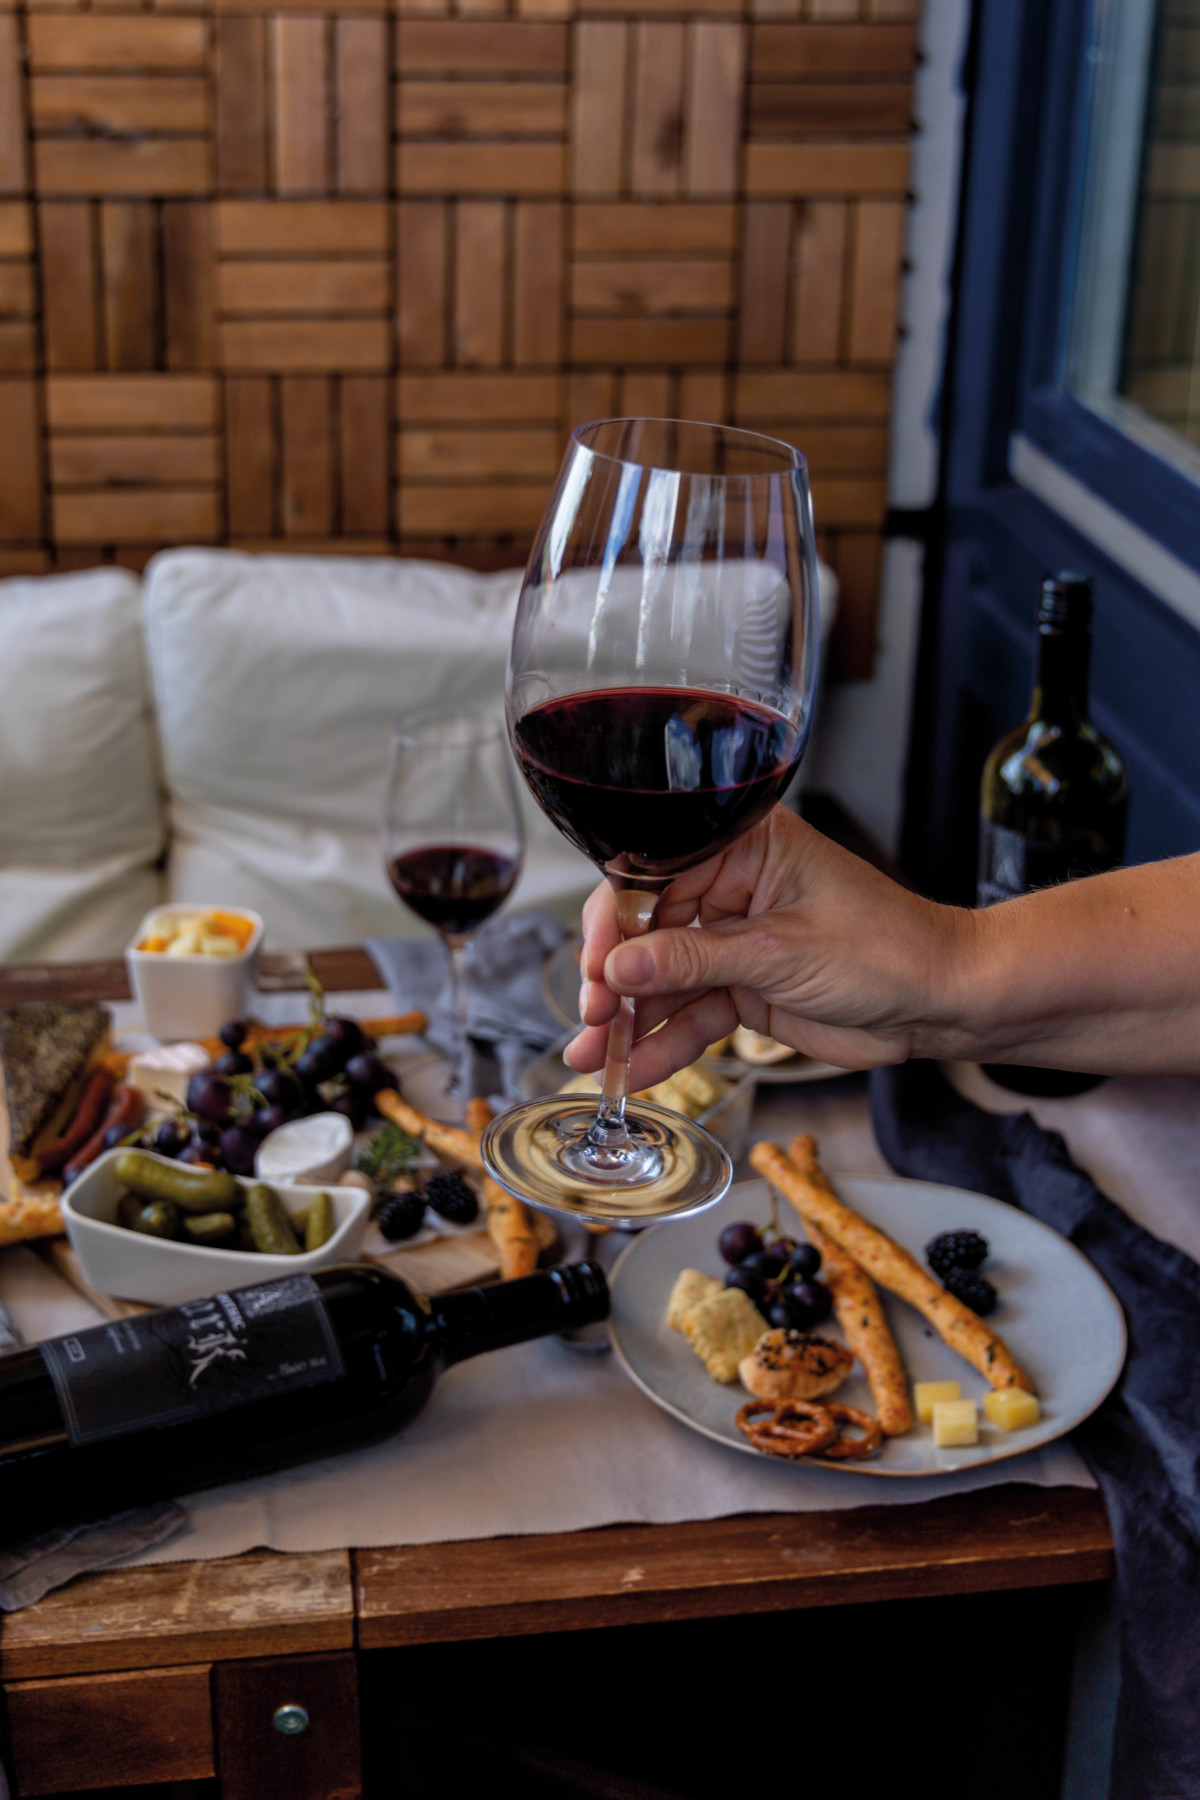 Knusperstangen, Cracker, Freunde und ein Apothic Dark Wein // Crunchy Sticks, Cracker and an apothic red wine by https://babyrockmyday.com/knusperstangen/